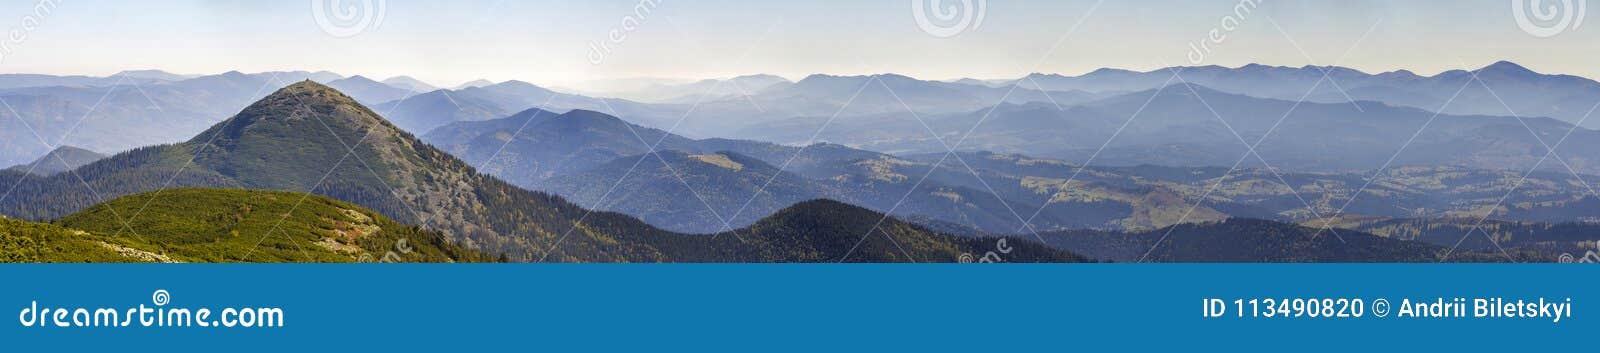 Breites Panorama von grünen Gebirgshügeln im sonnigen schönen Wetter Karpatengebirgslandschaft im Sommer Ansicht felsigen Spitzen